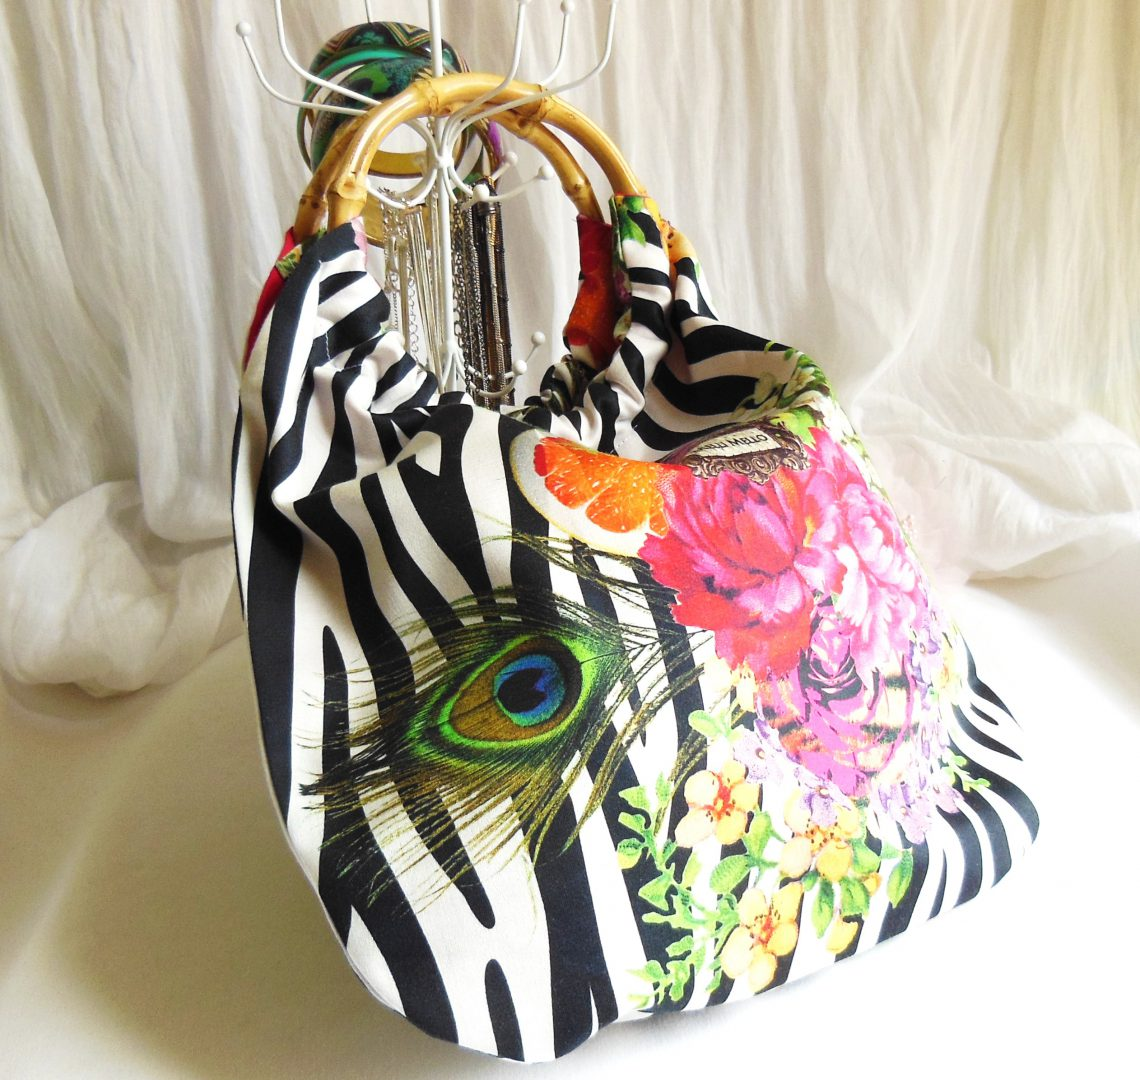 b748e61cb2 Sacs à main zèbre noir & blanc fleurs multicolores, tissu & bambou ...